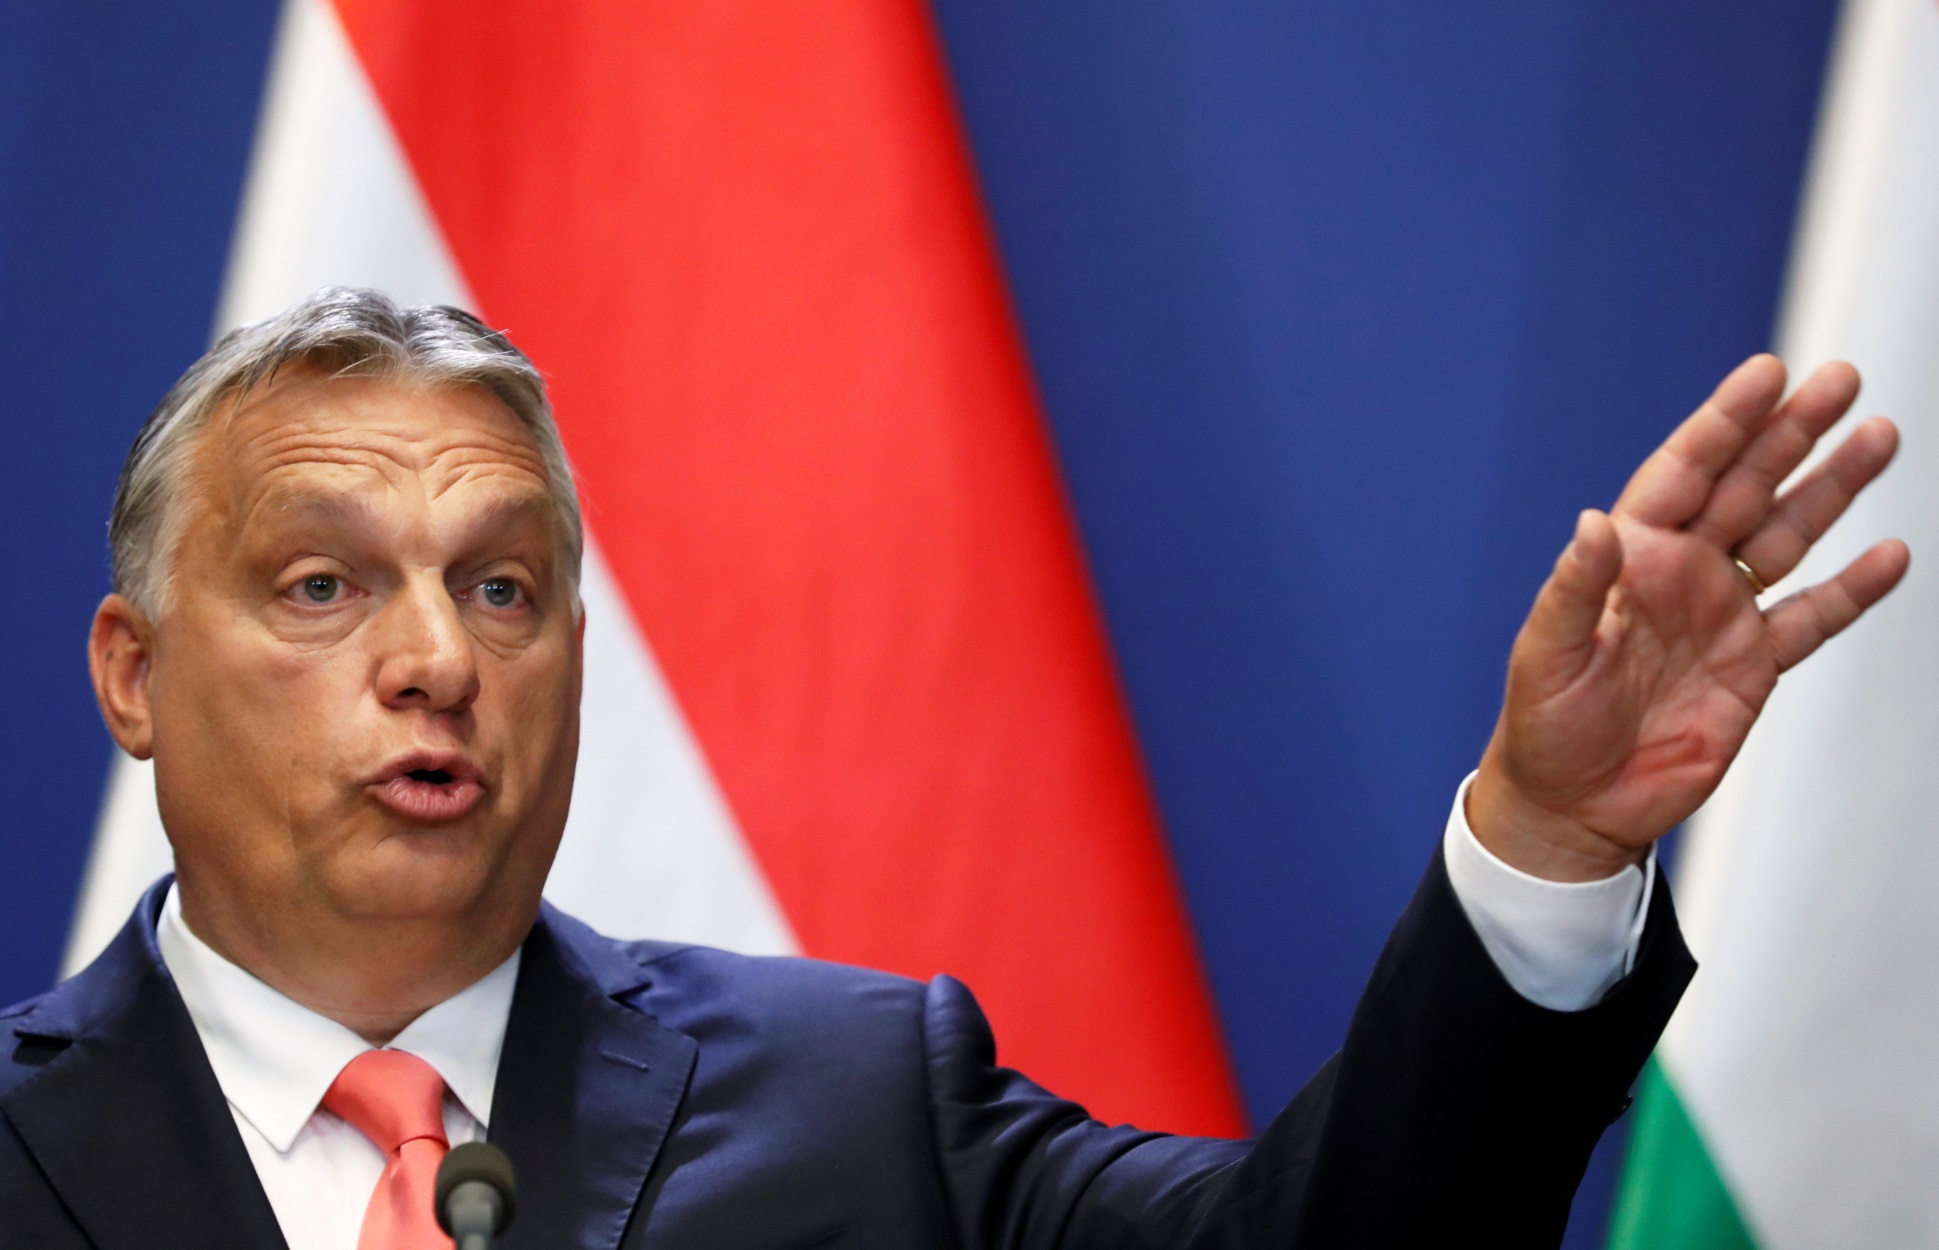 Όρμπαν: Άρση της κατάστασης έκτακτης ανάγκης στην Ουγγαρία